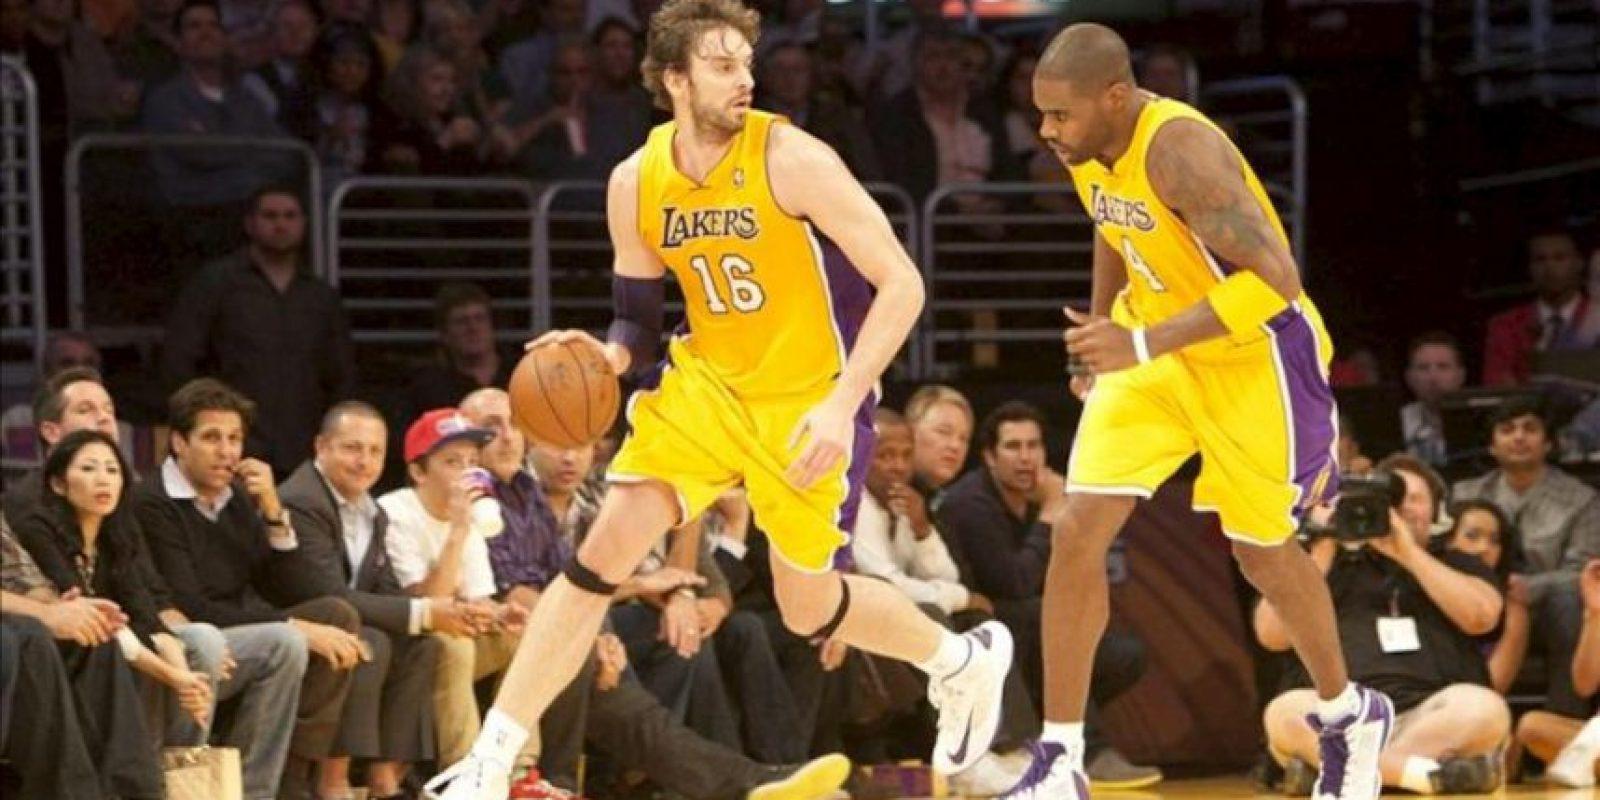 El jugador de los Lakers Pau Gasol (i) controla el balón ante los Pacers este martes 27 de noviembre de 2012, durante el juego de la NBA en el Staples Center de Los Ángeles, California (EE.UU.). EFE